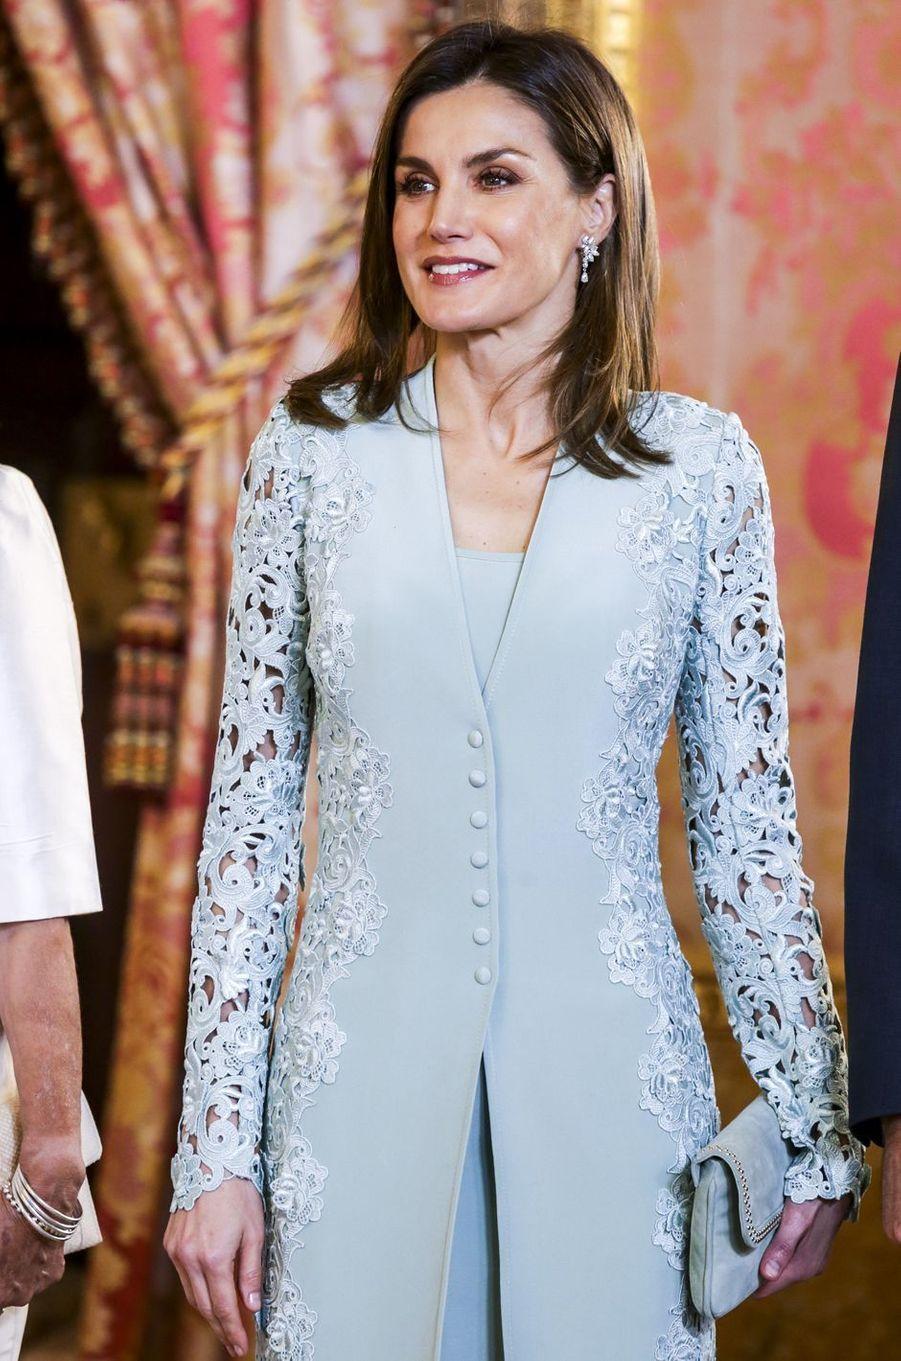 La reine Letizia d'Espagne à Madrid, le 20 avril 2018